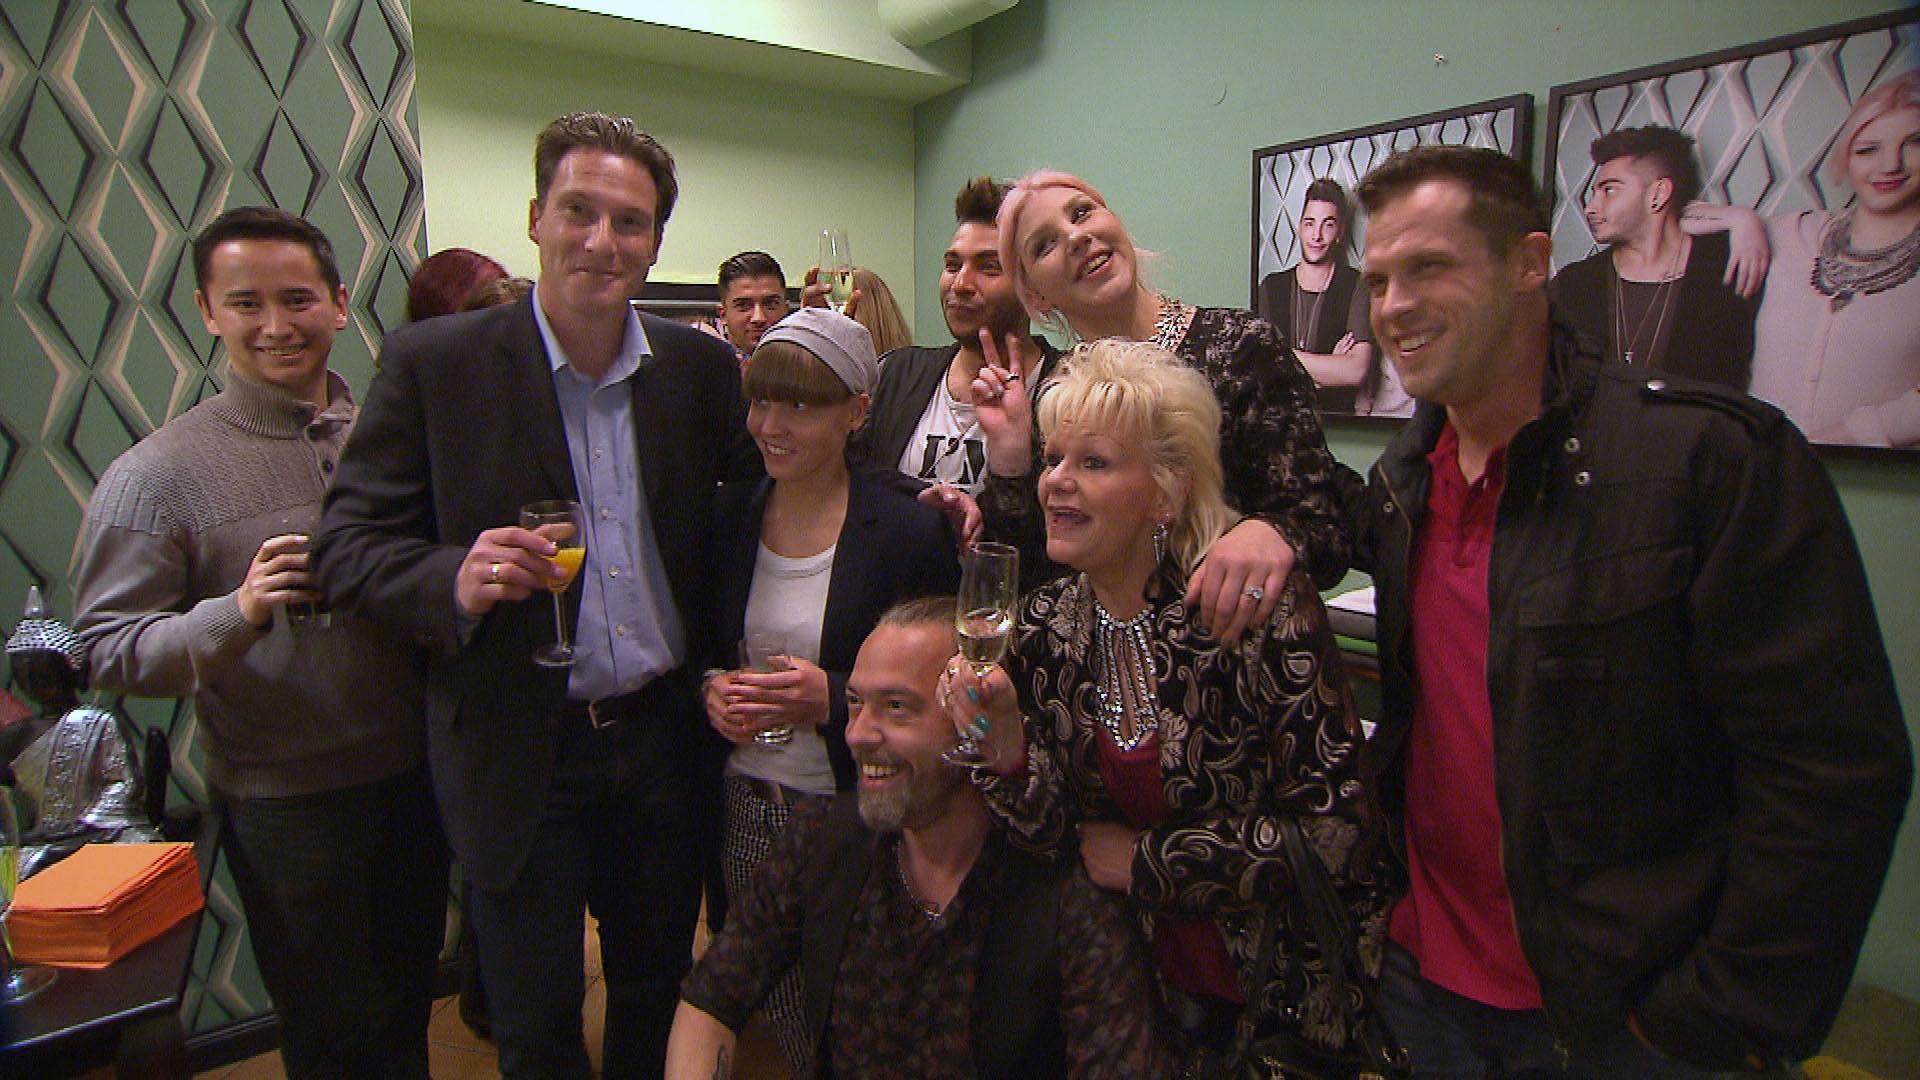 4Gäste, Wagner, Natascha, Theo, Rick, Paula, Inge, Basti. (Quelle: RTL 2)